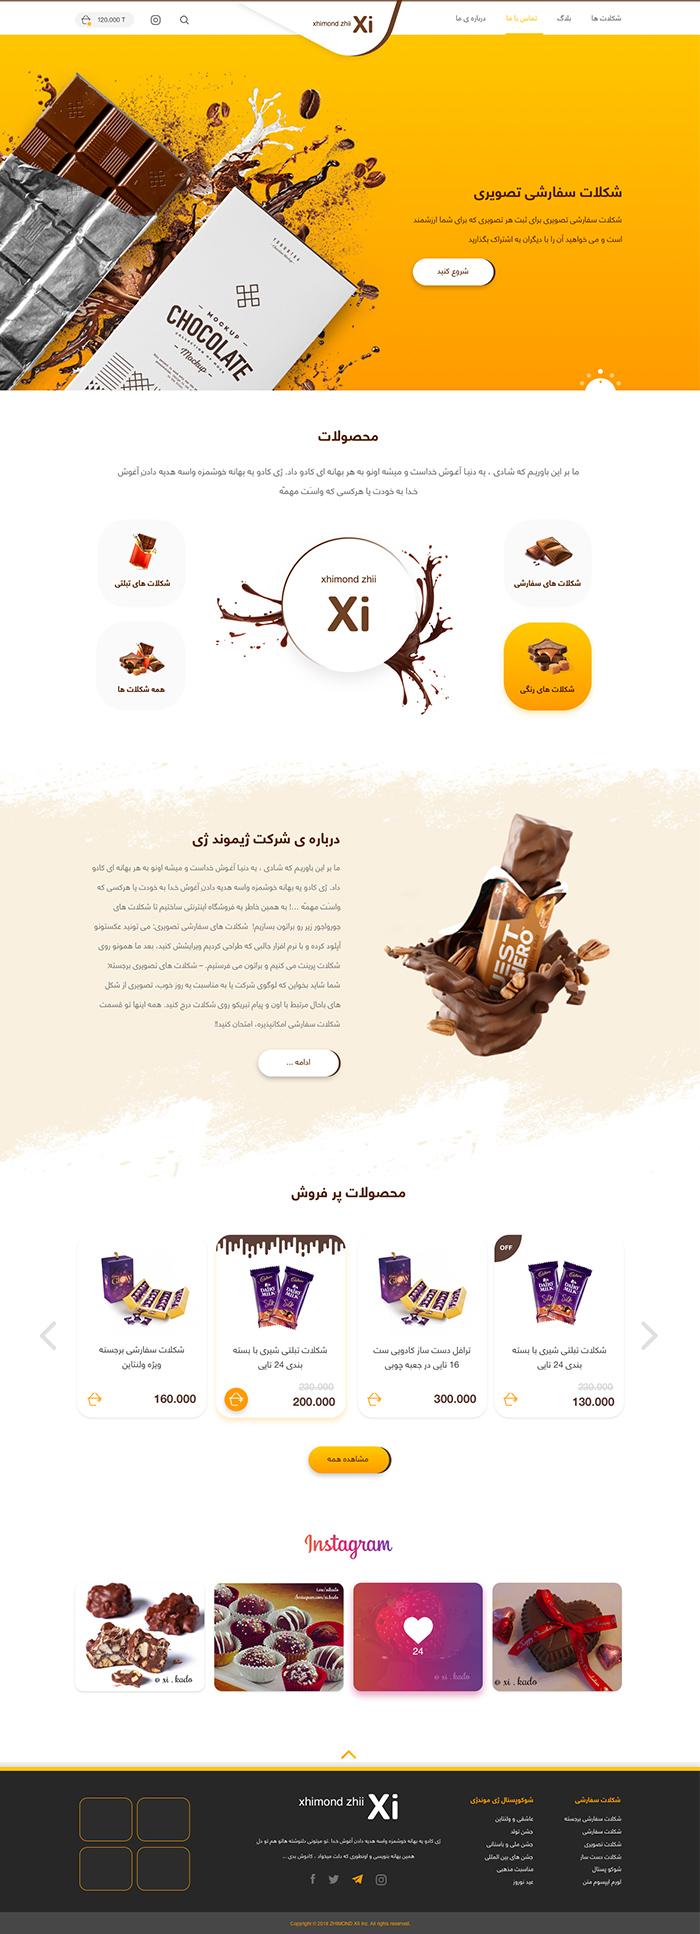 طراحی فروشگاه اینترنتی خلاقانه برای استارتاپ ژیکادو